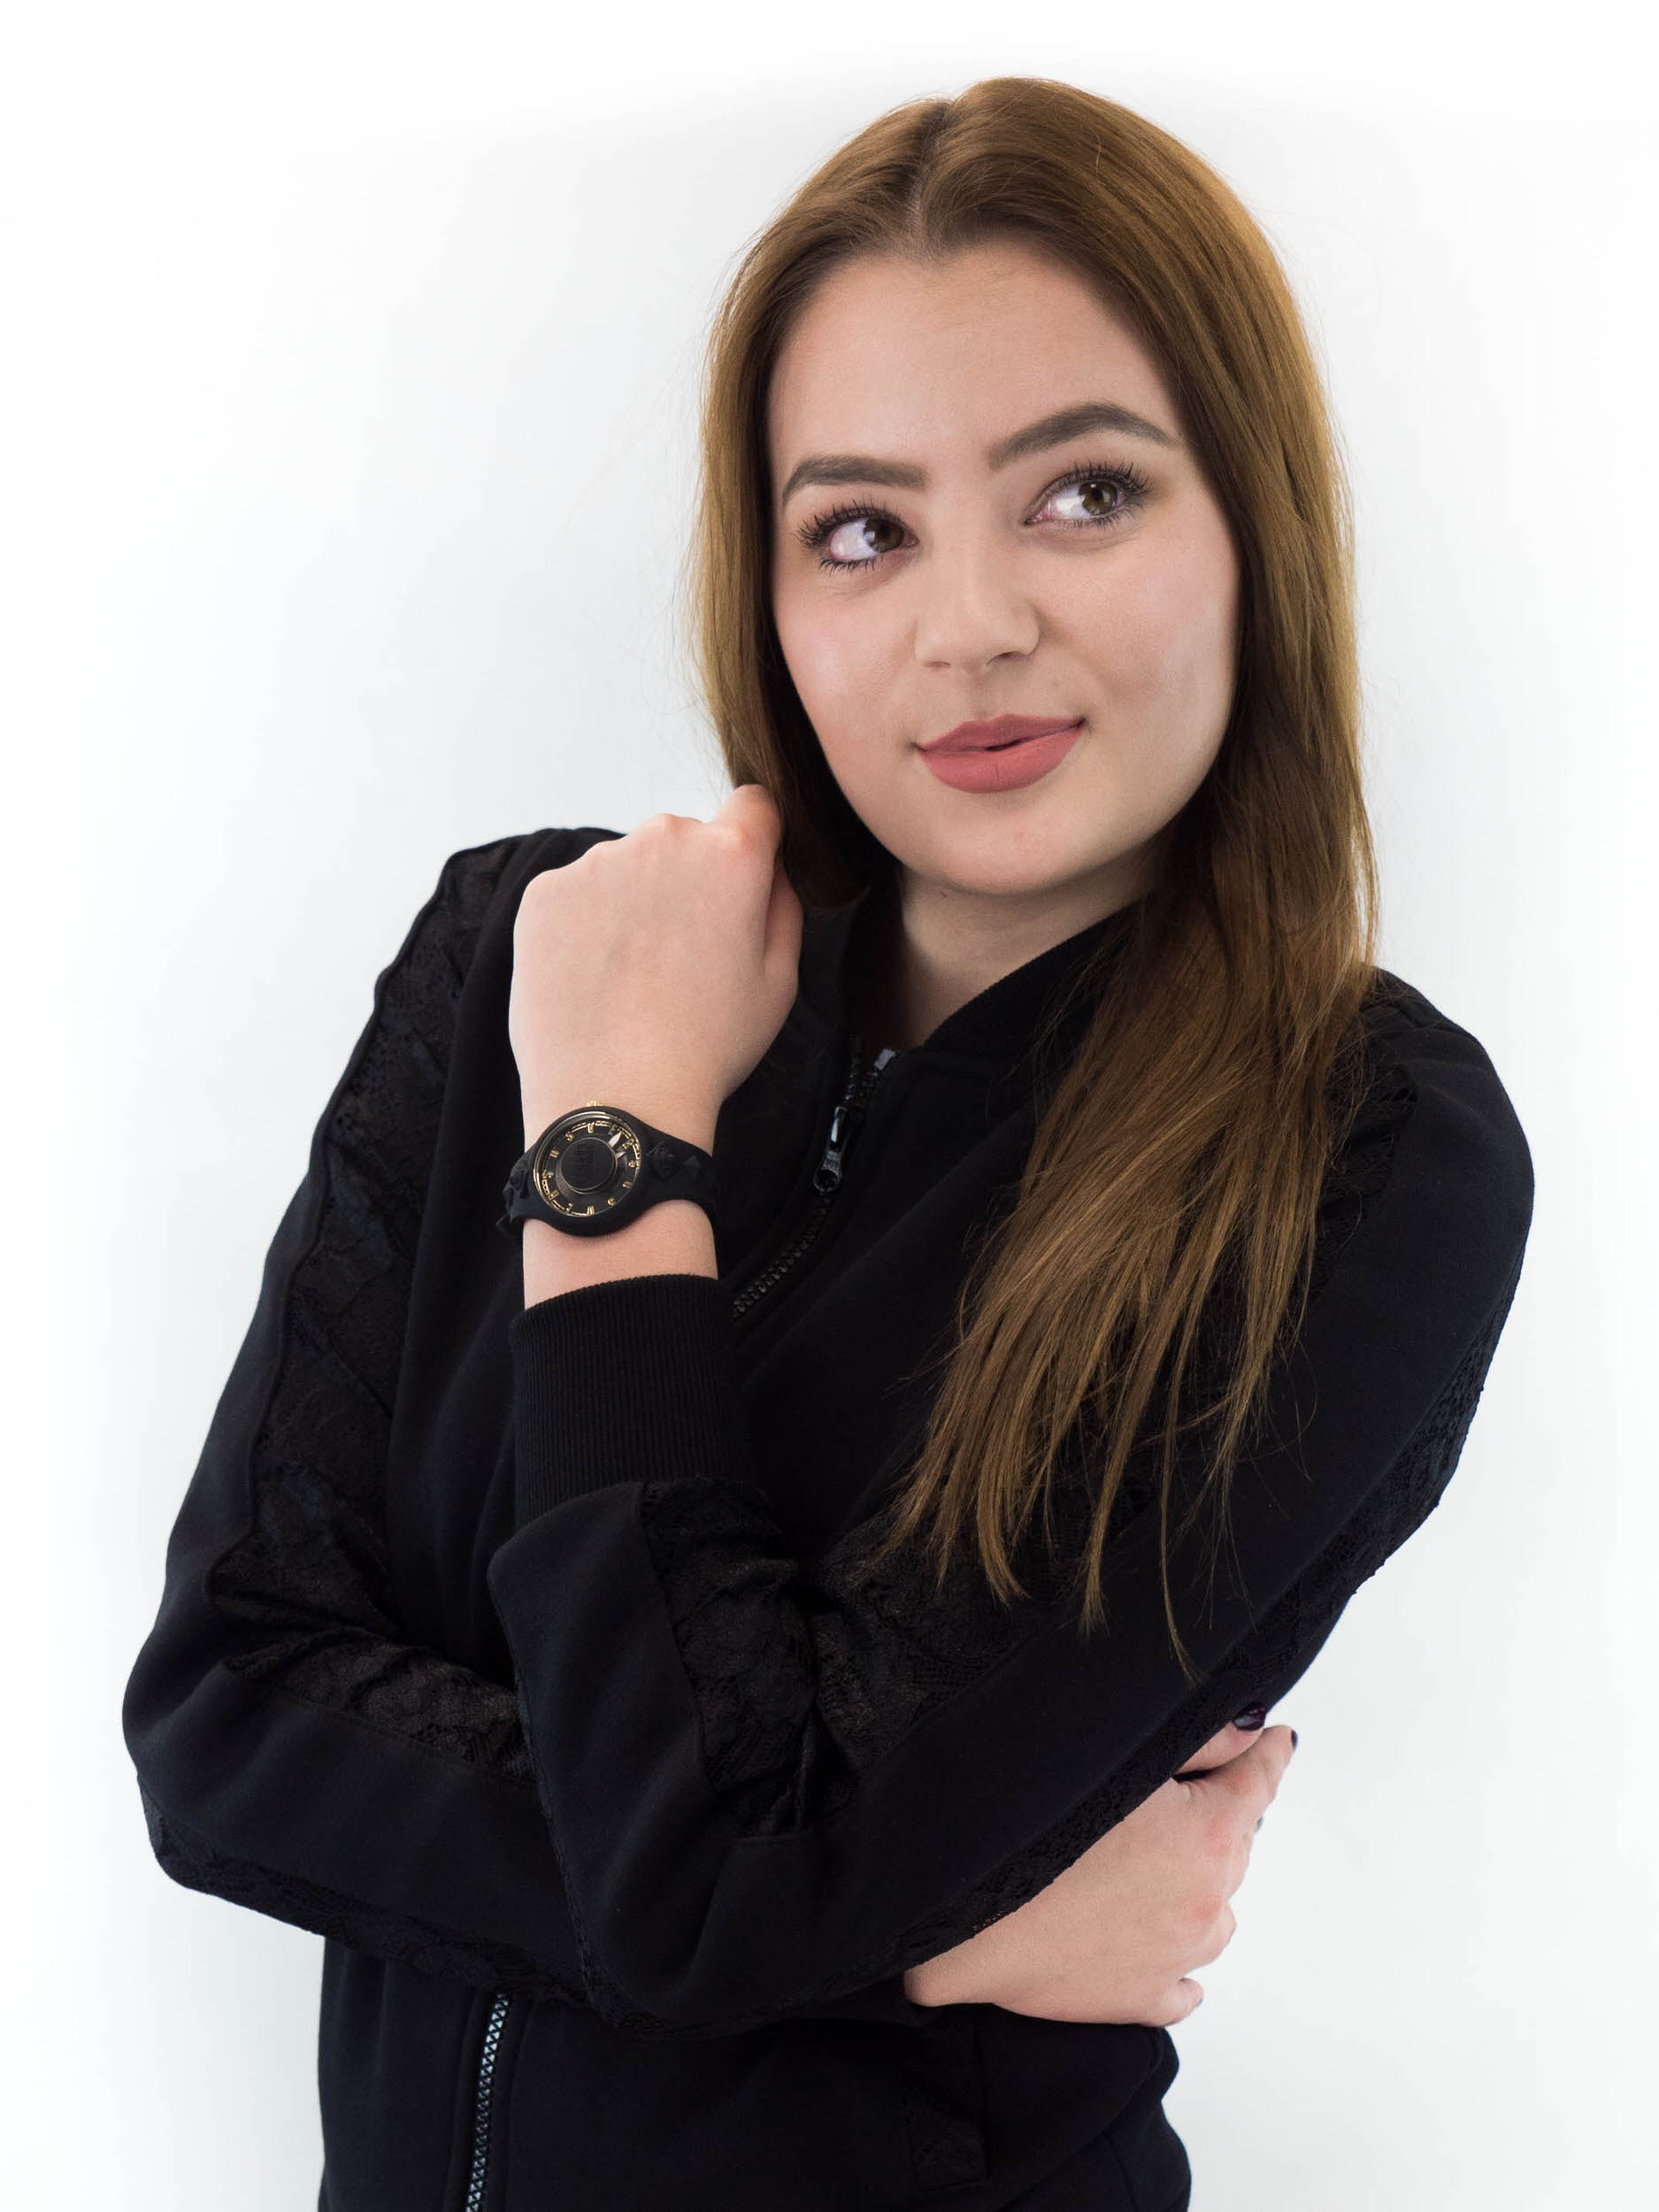 Versus Versace VSP1R0319 zegarek damski Damskie